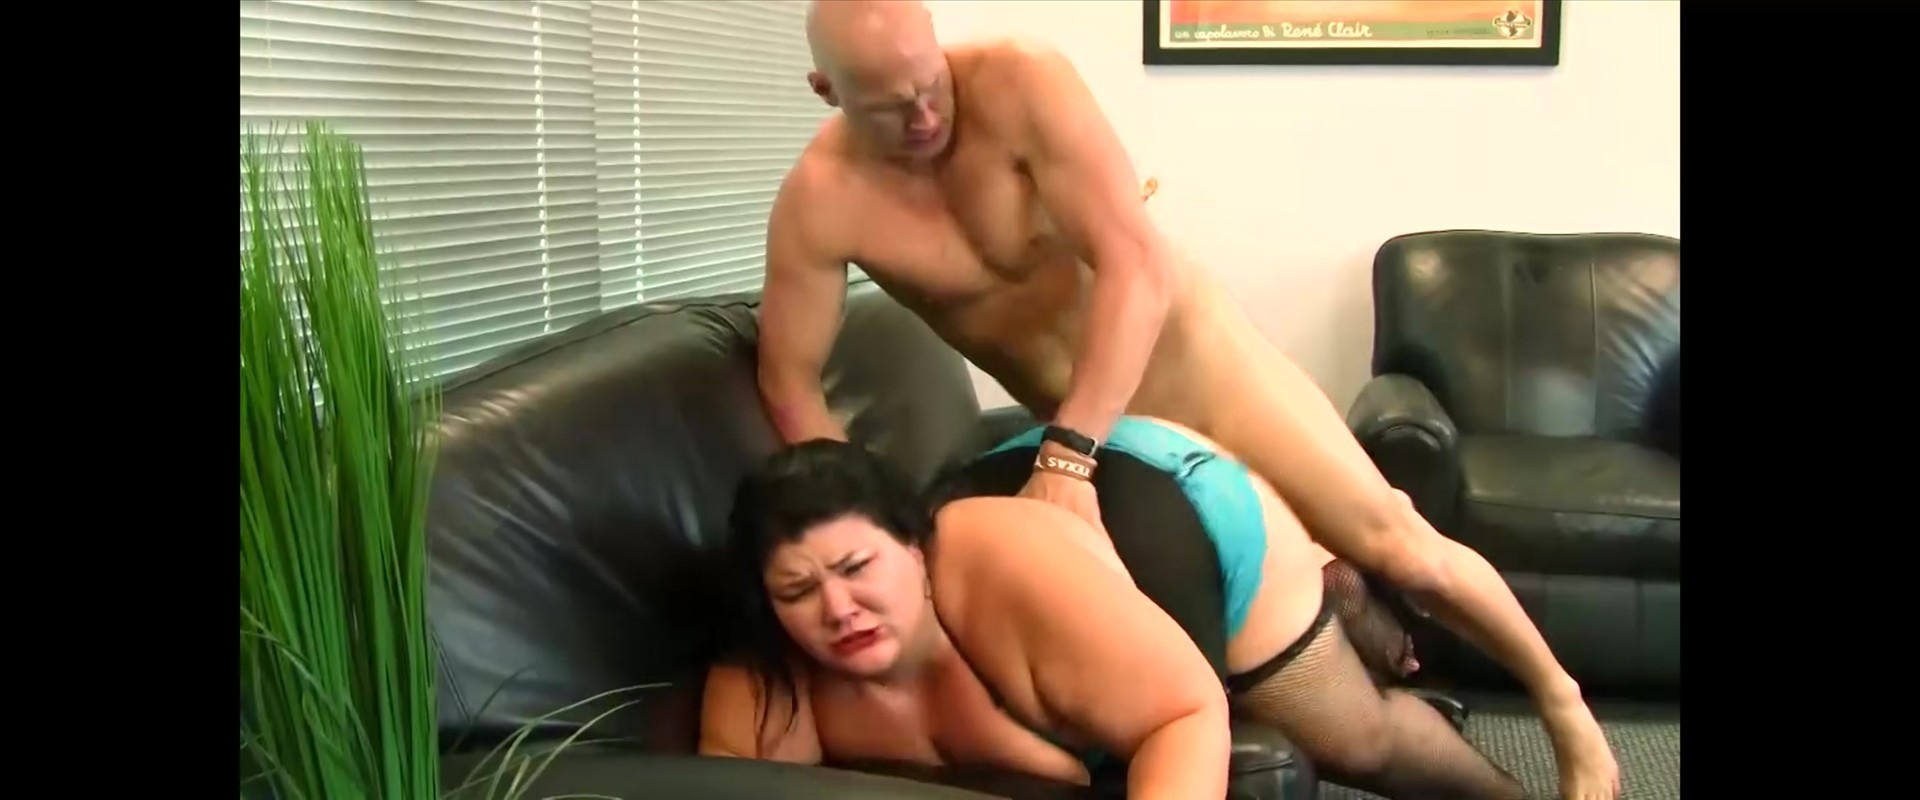 She fucks three dildos at once